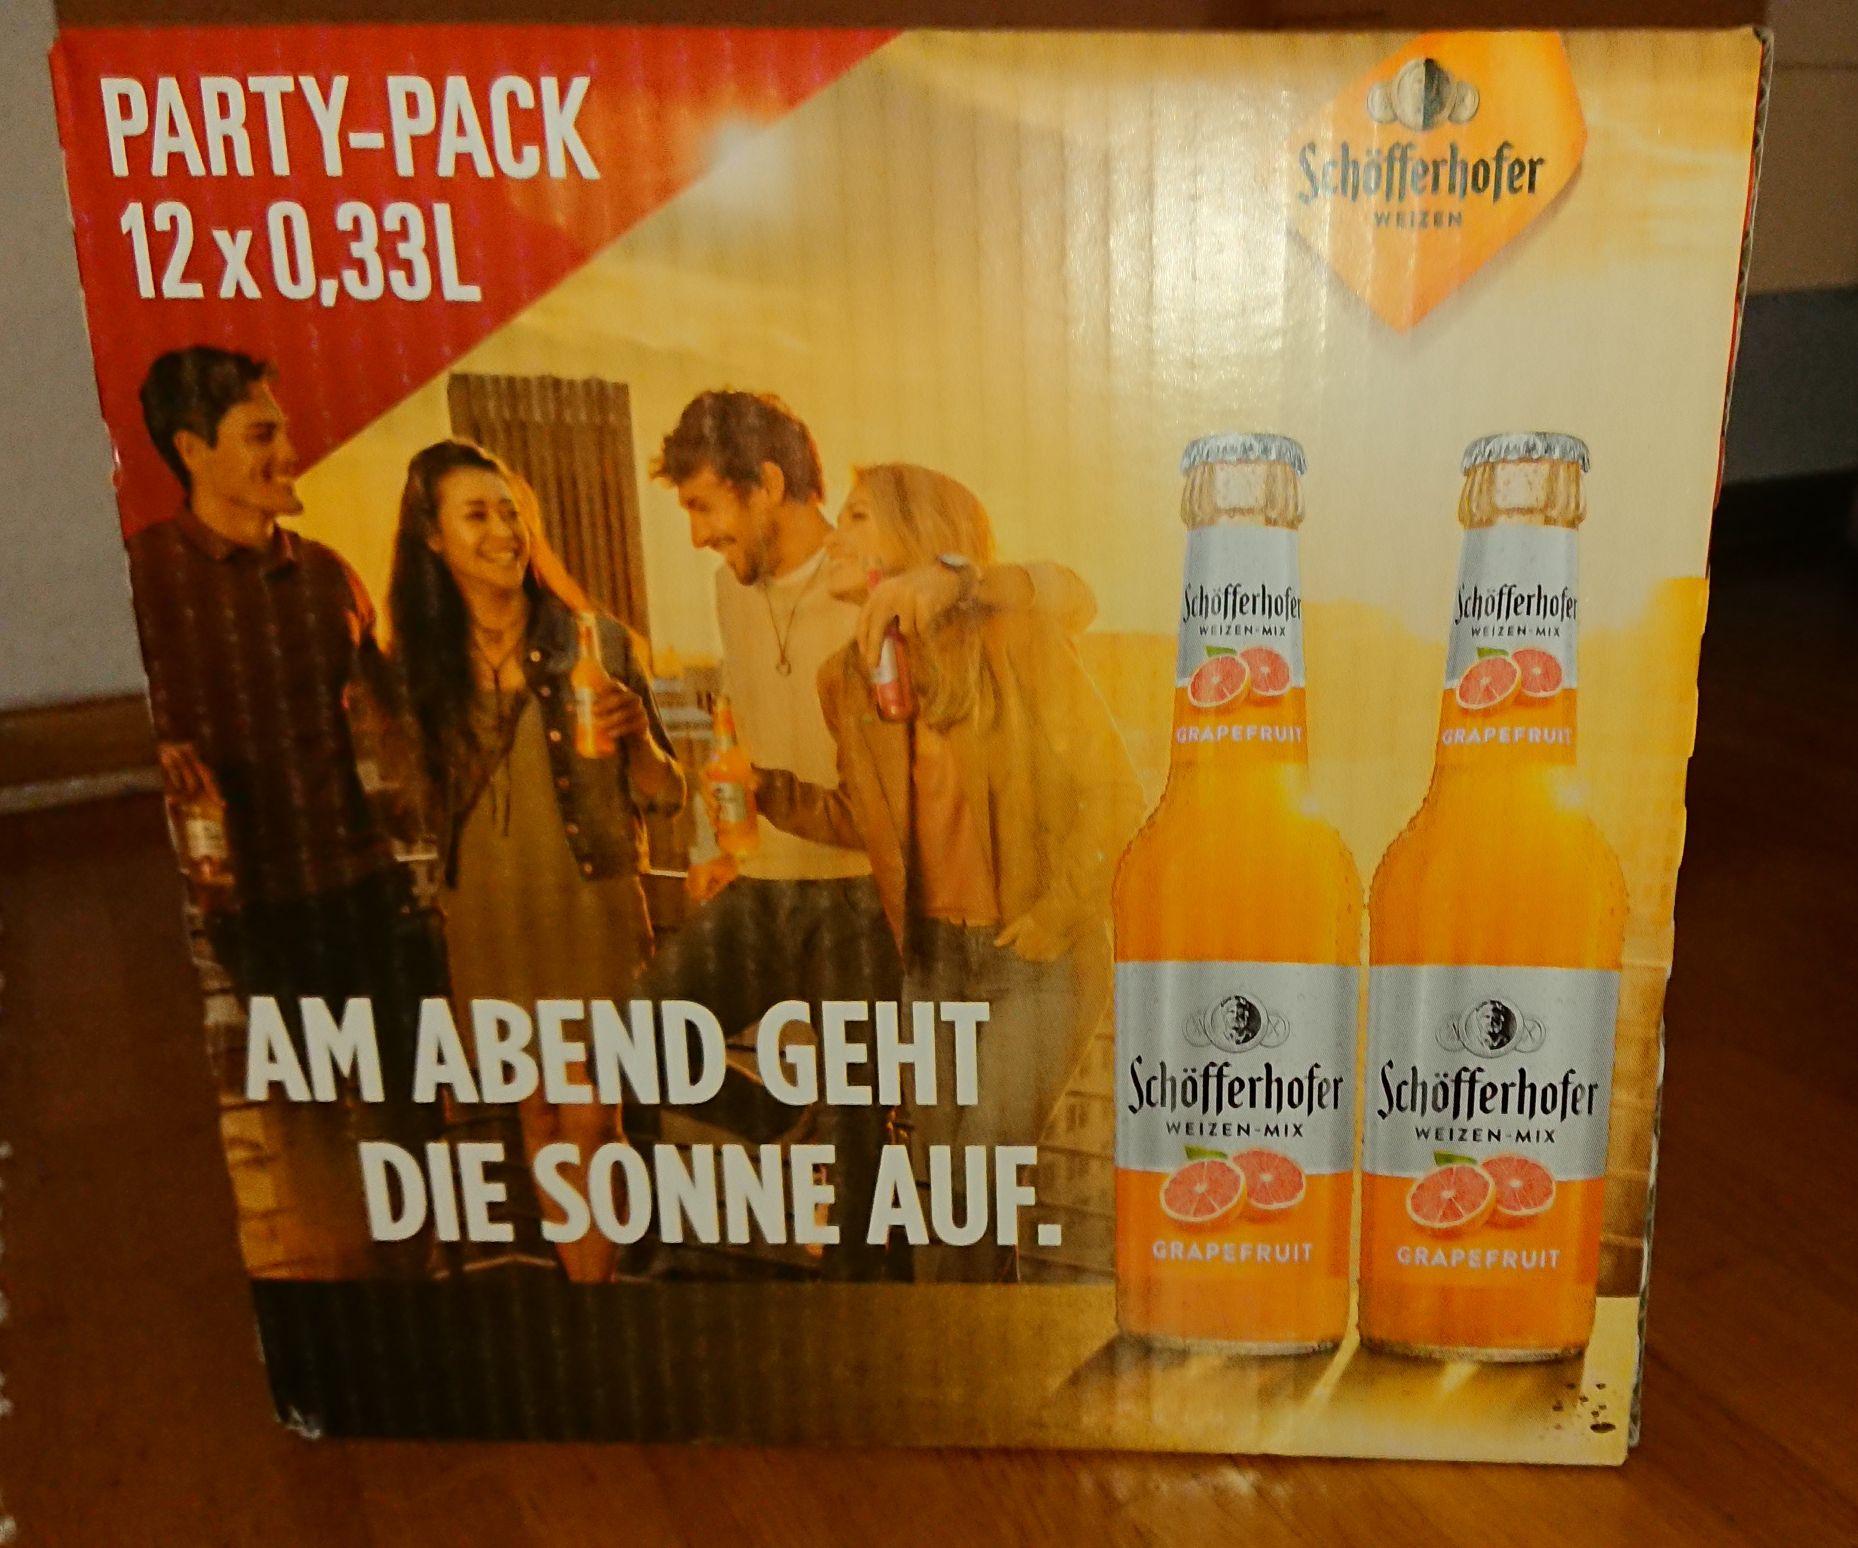 12er Partypack Schöfferhofer Weizen Grapefruit mit kurzem MHD lokal in Krefeld